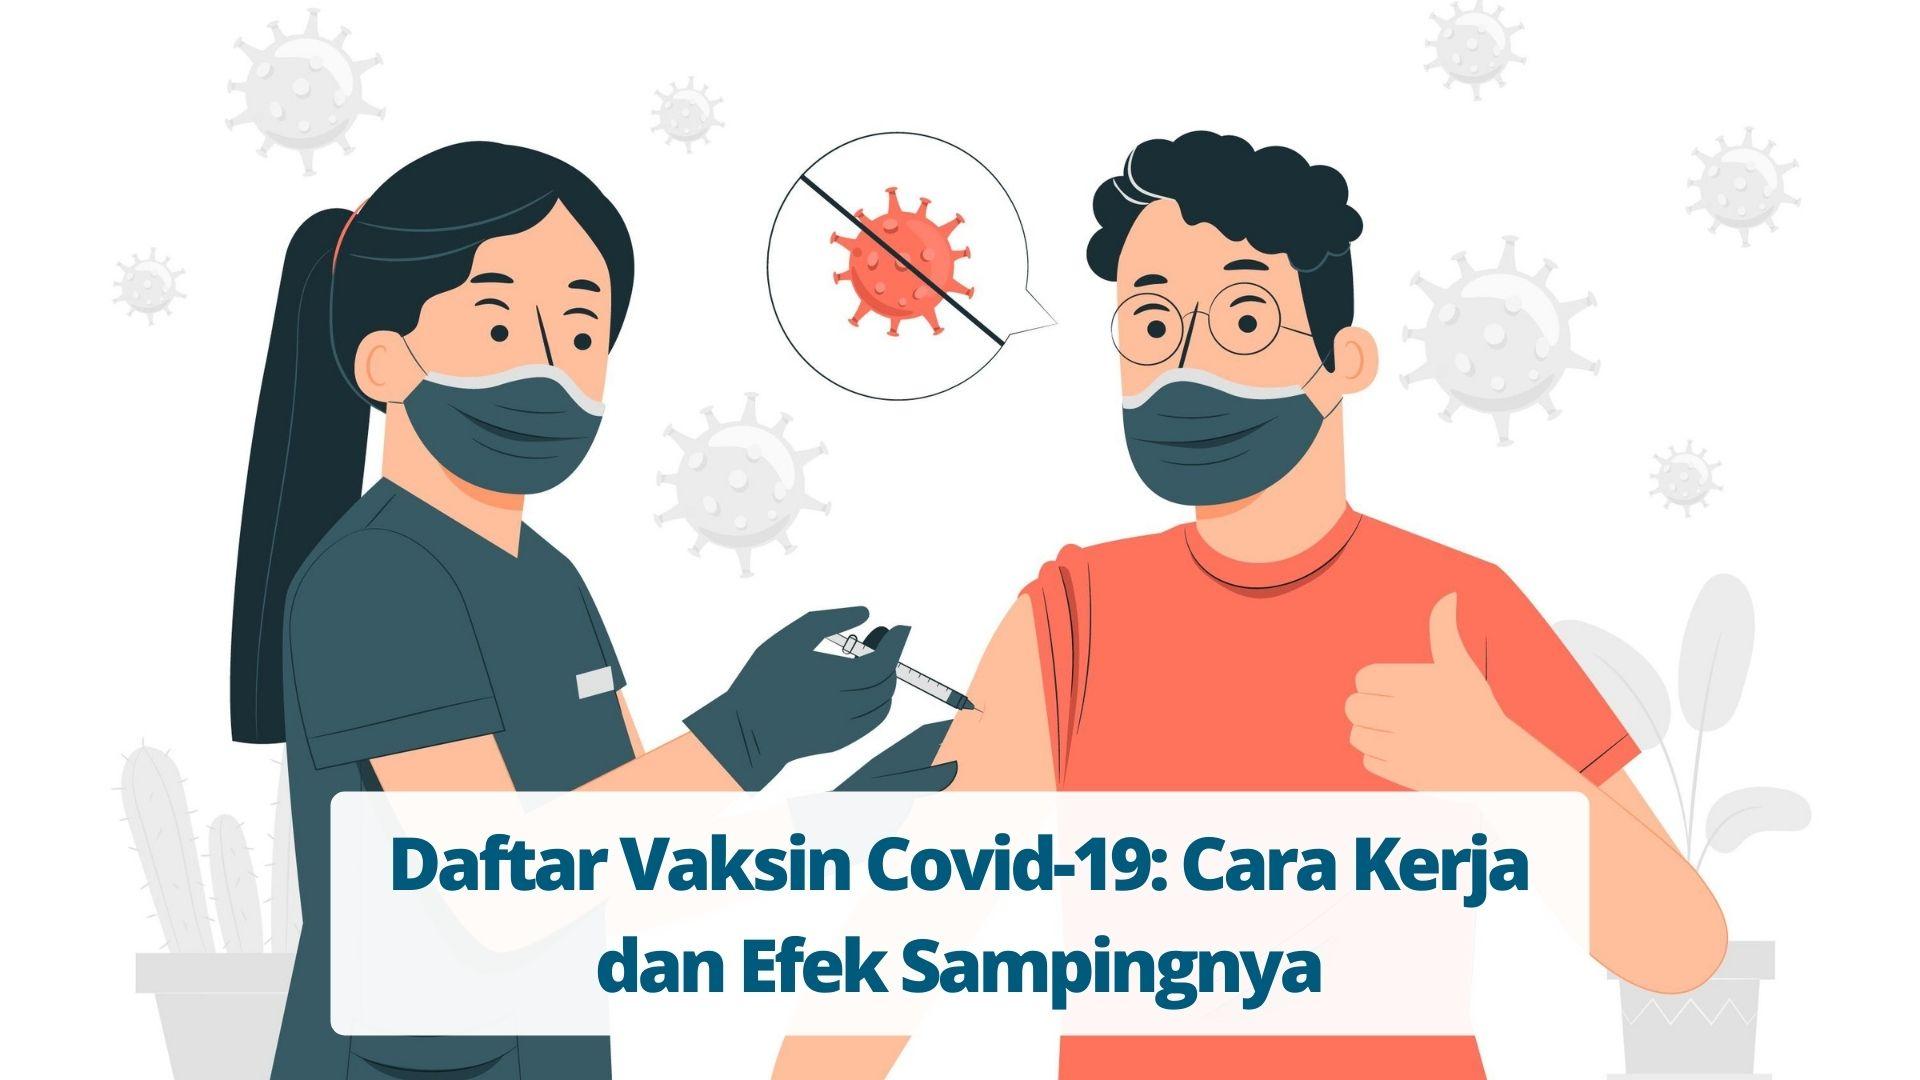 Daftar Vaksin Covid-19: Cara Kerja dan Efek Sampingnya